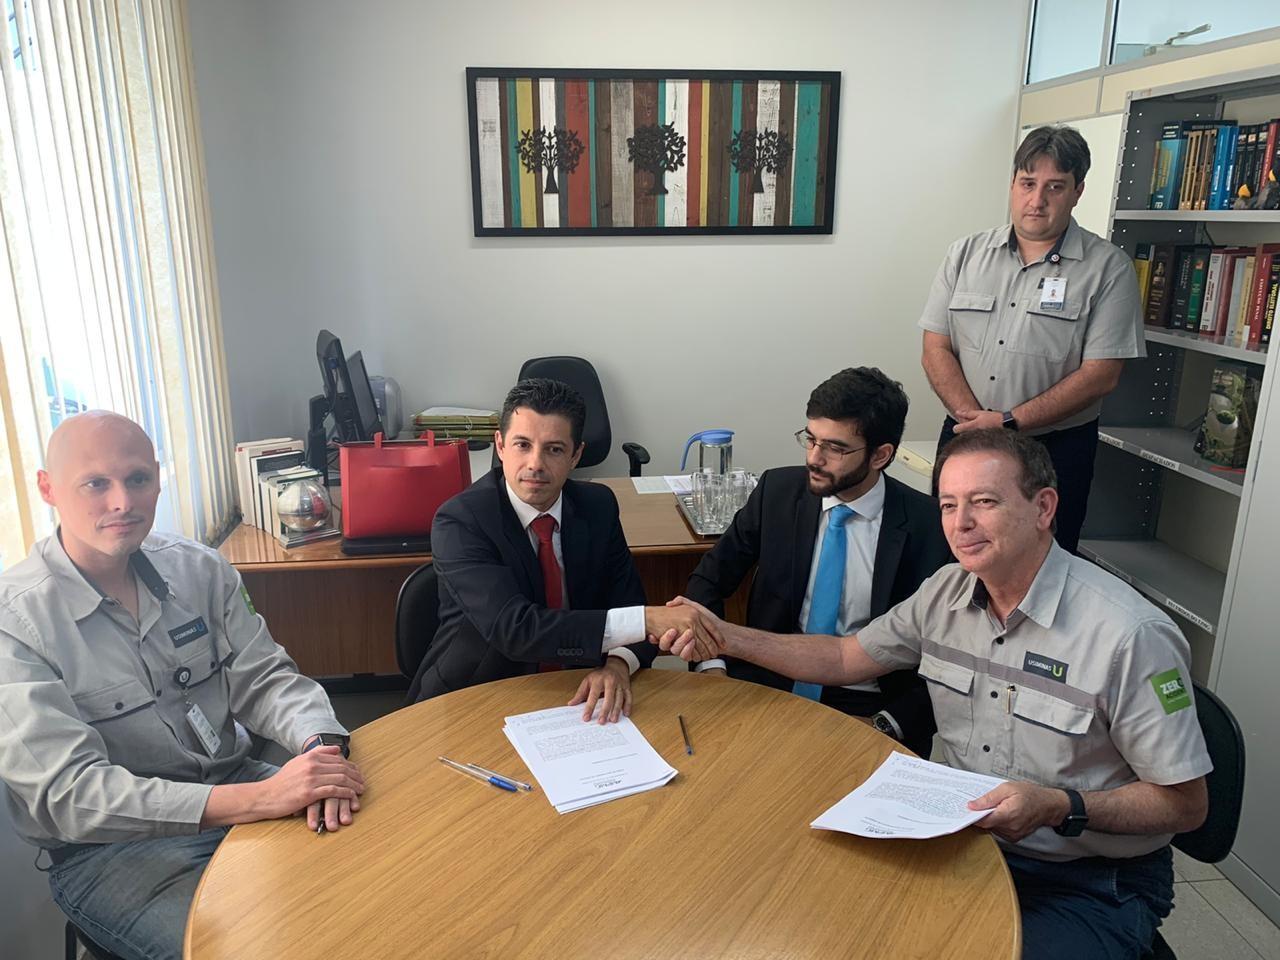 Usiminas e MP assinam acordo para estudo e diminuição da emissão de 'pó preto' em Ipatinga - Notícias - Plantão Diário